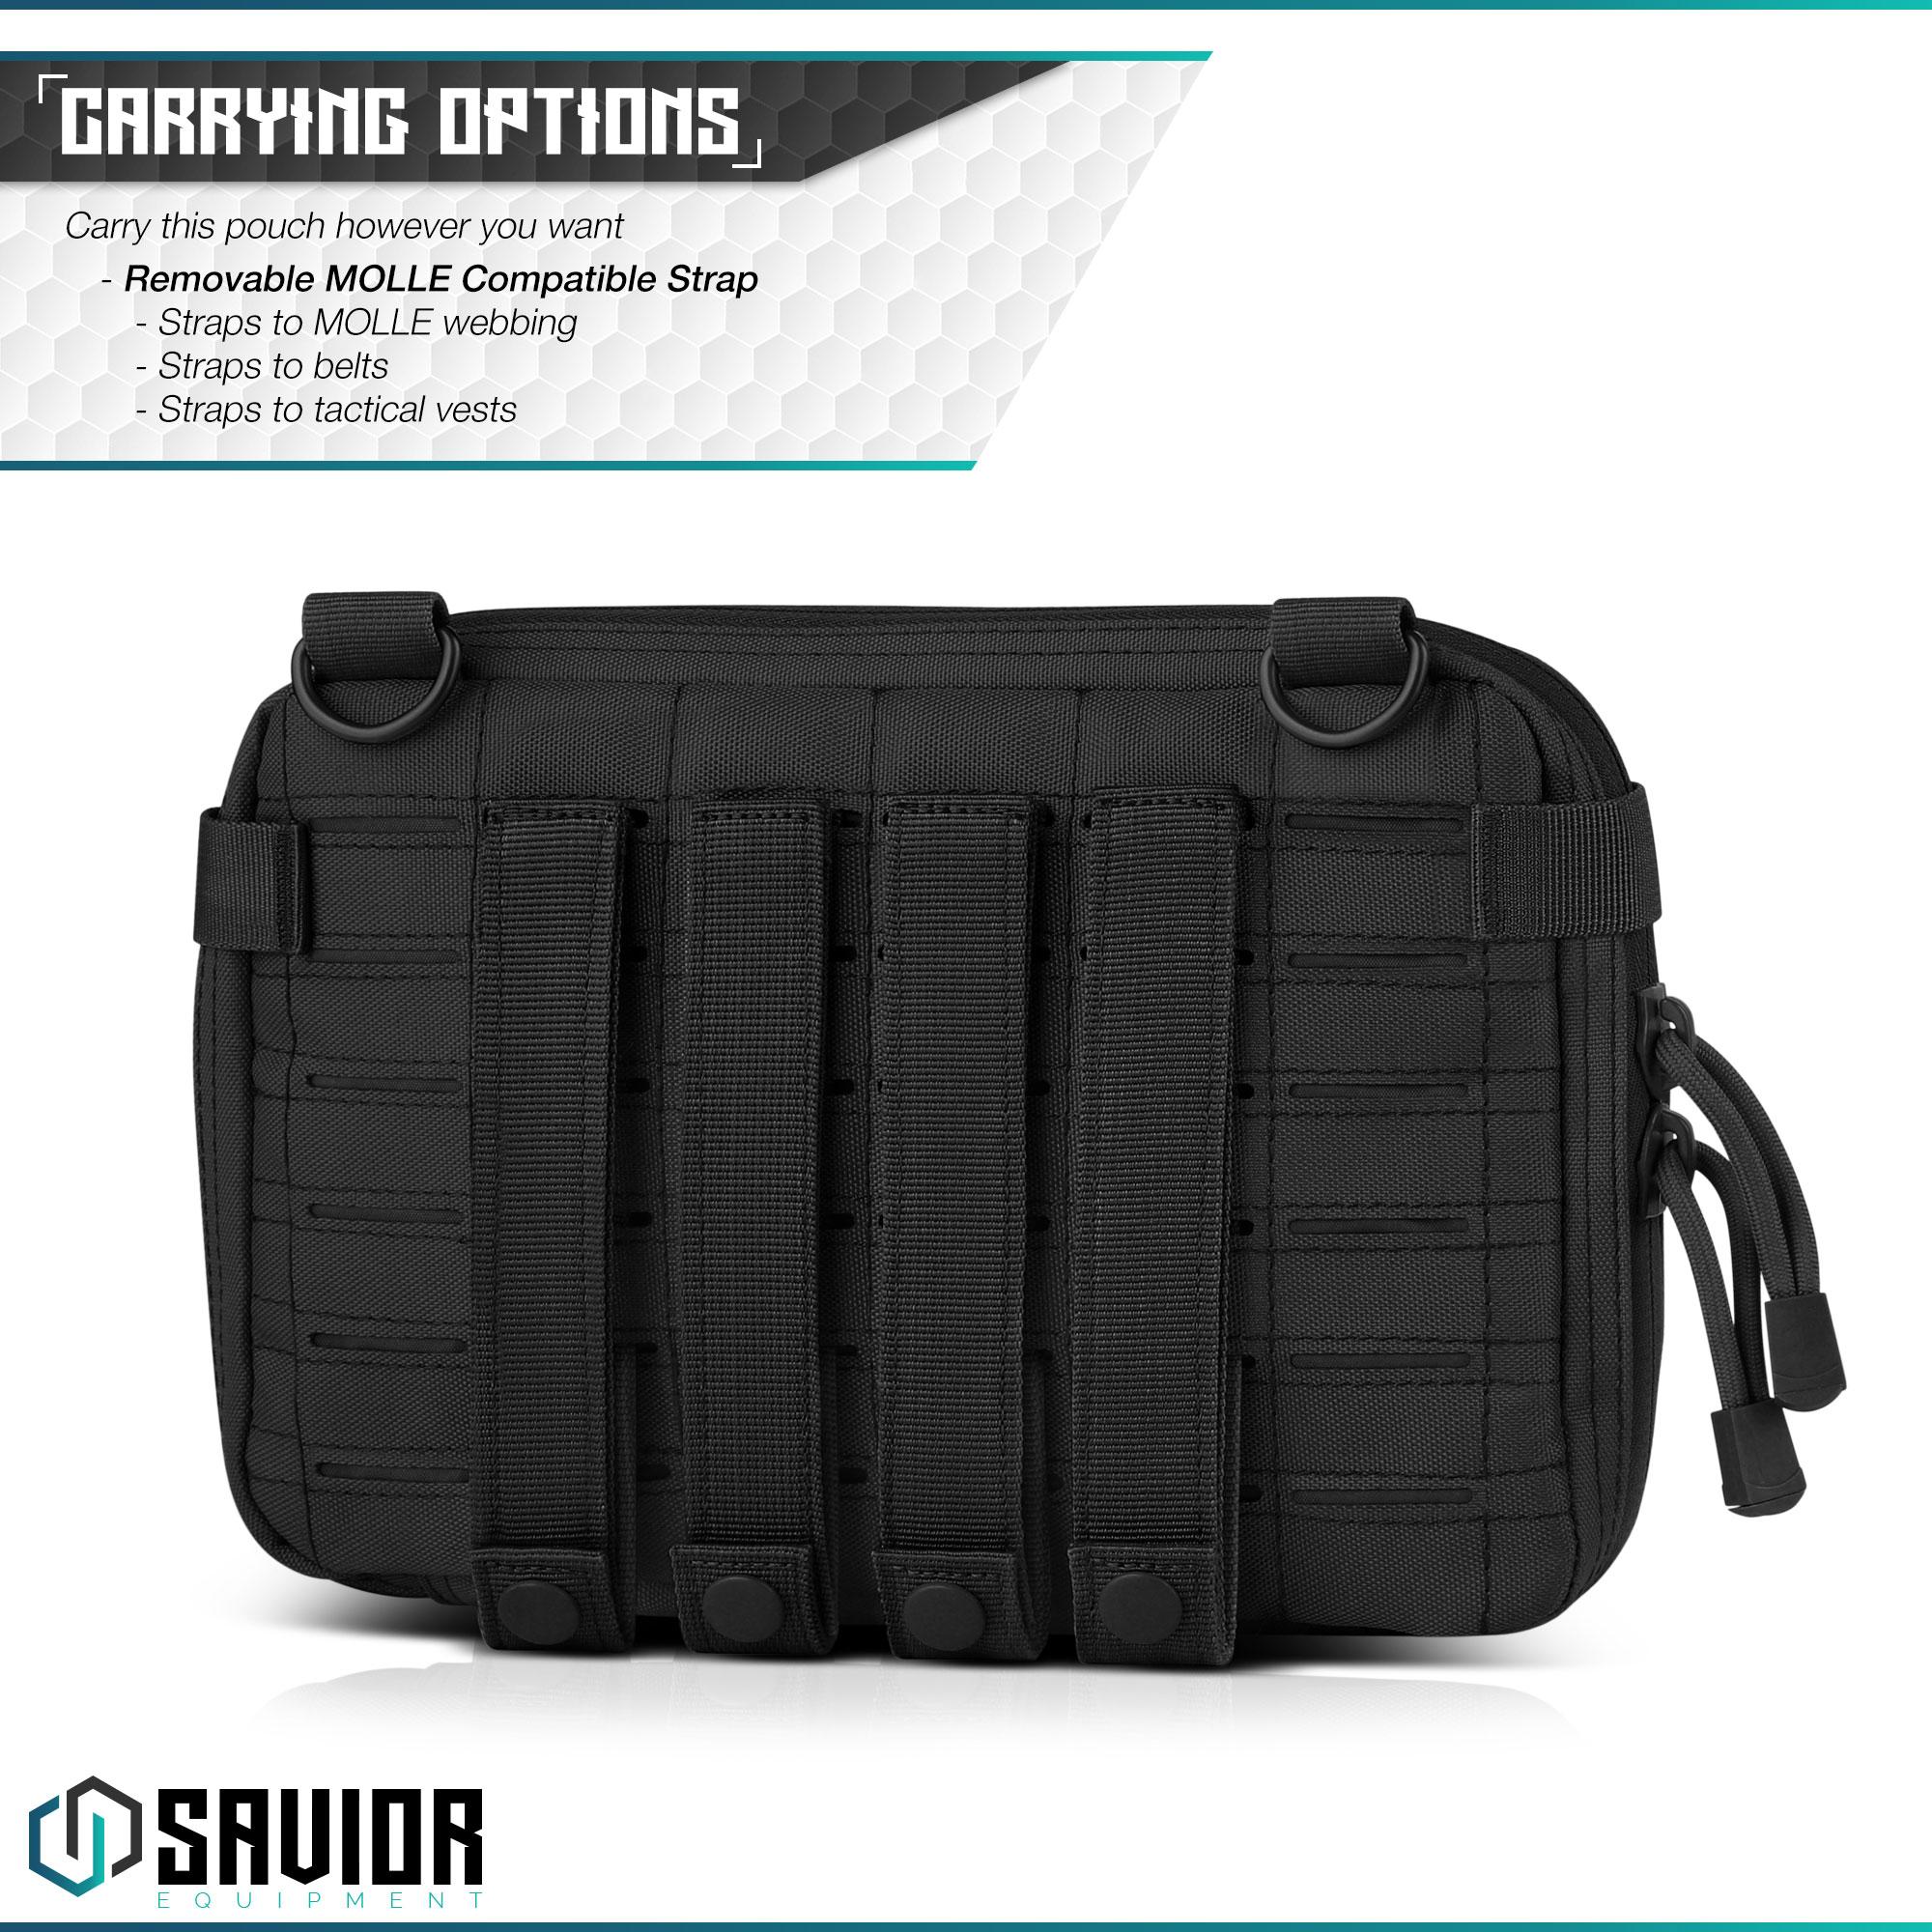 SAVIOR-Laser-Cut-MOLLE-Admin-Utility-EDC-Pouch-Tactical-Outdoor-Survival-Bag thumbnail 18